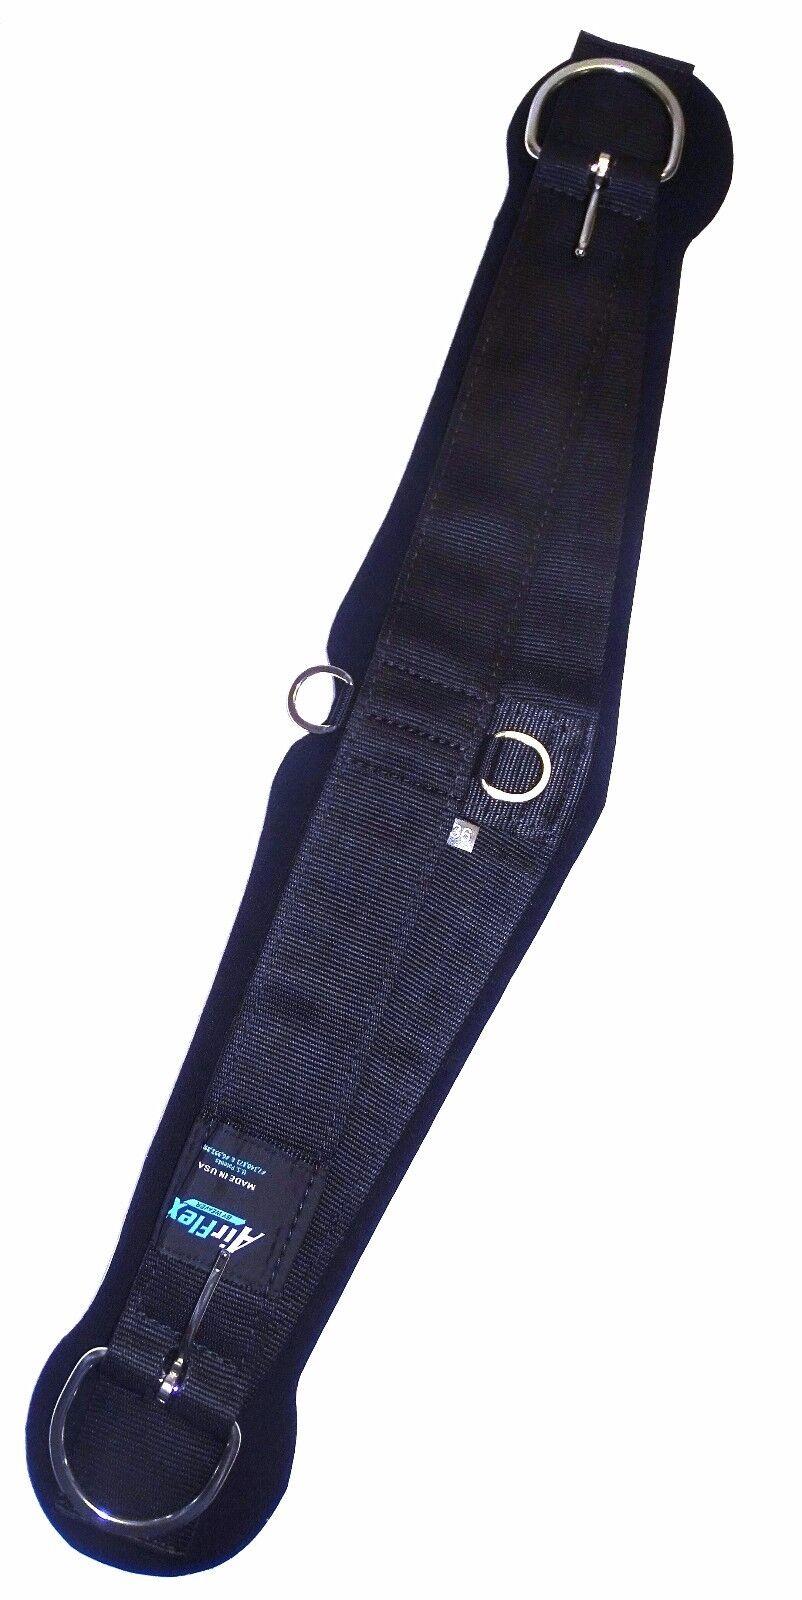 Airflex Western cinturón  Roper barriga cinturón sillín cinturón  descuento online